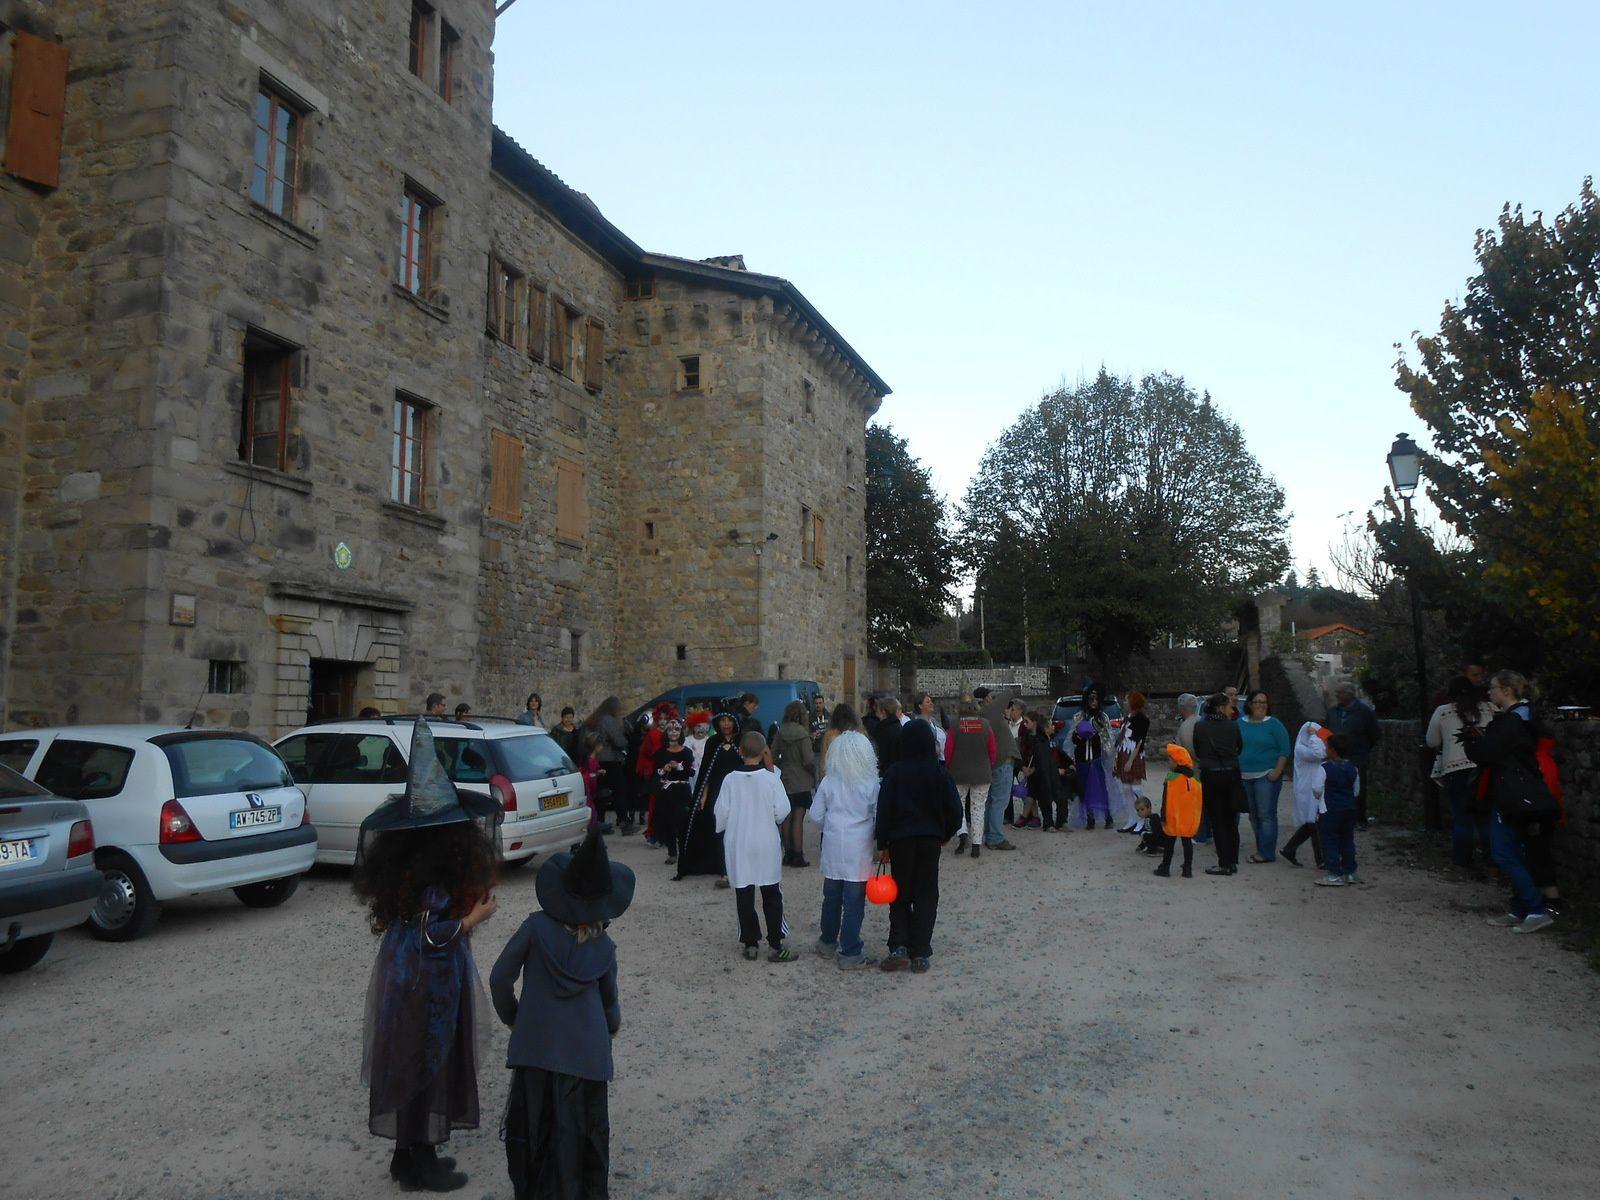 Drôle d'atmosphère autour du château de Castrevieille, avec tous ces personnages plus ou moins terrifiants